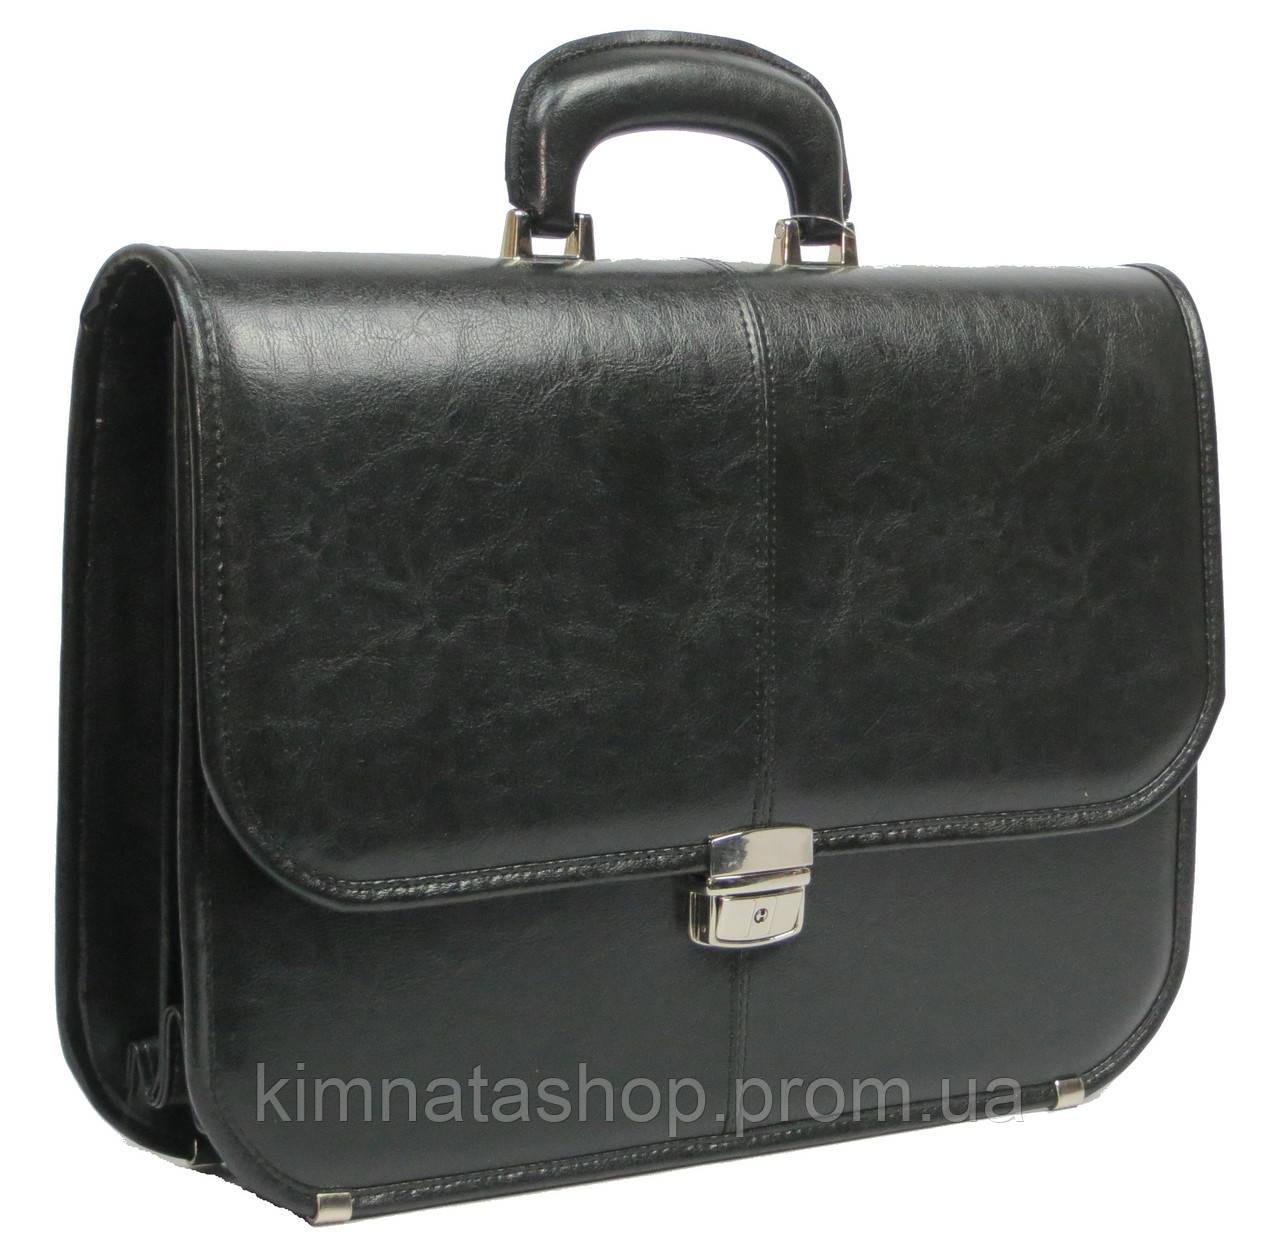 Чоловічий портфель з еко шкіри JPB Польща TE-40-66458 чорний